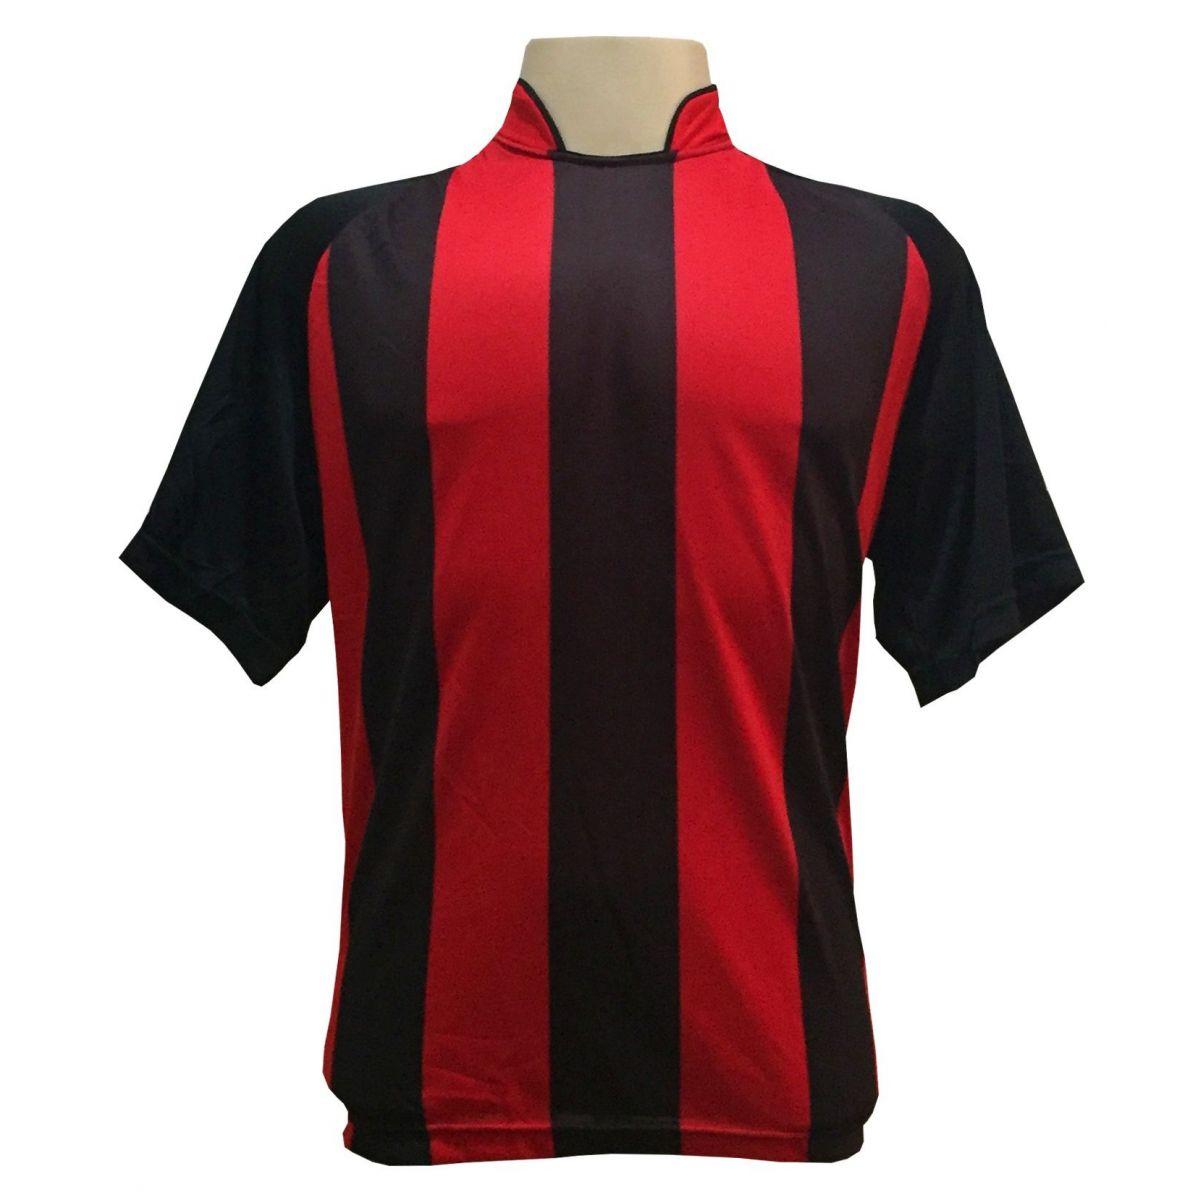 Uniforme Esportivo com 18 camisas modelo Milan Preto/Vermelho + 18 calções modelo Madrid Vermelho + 18 pares de meiões Vermelho